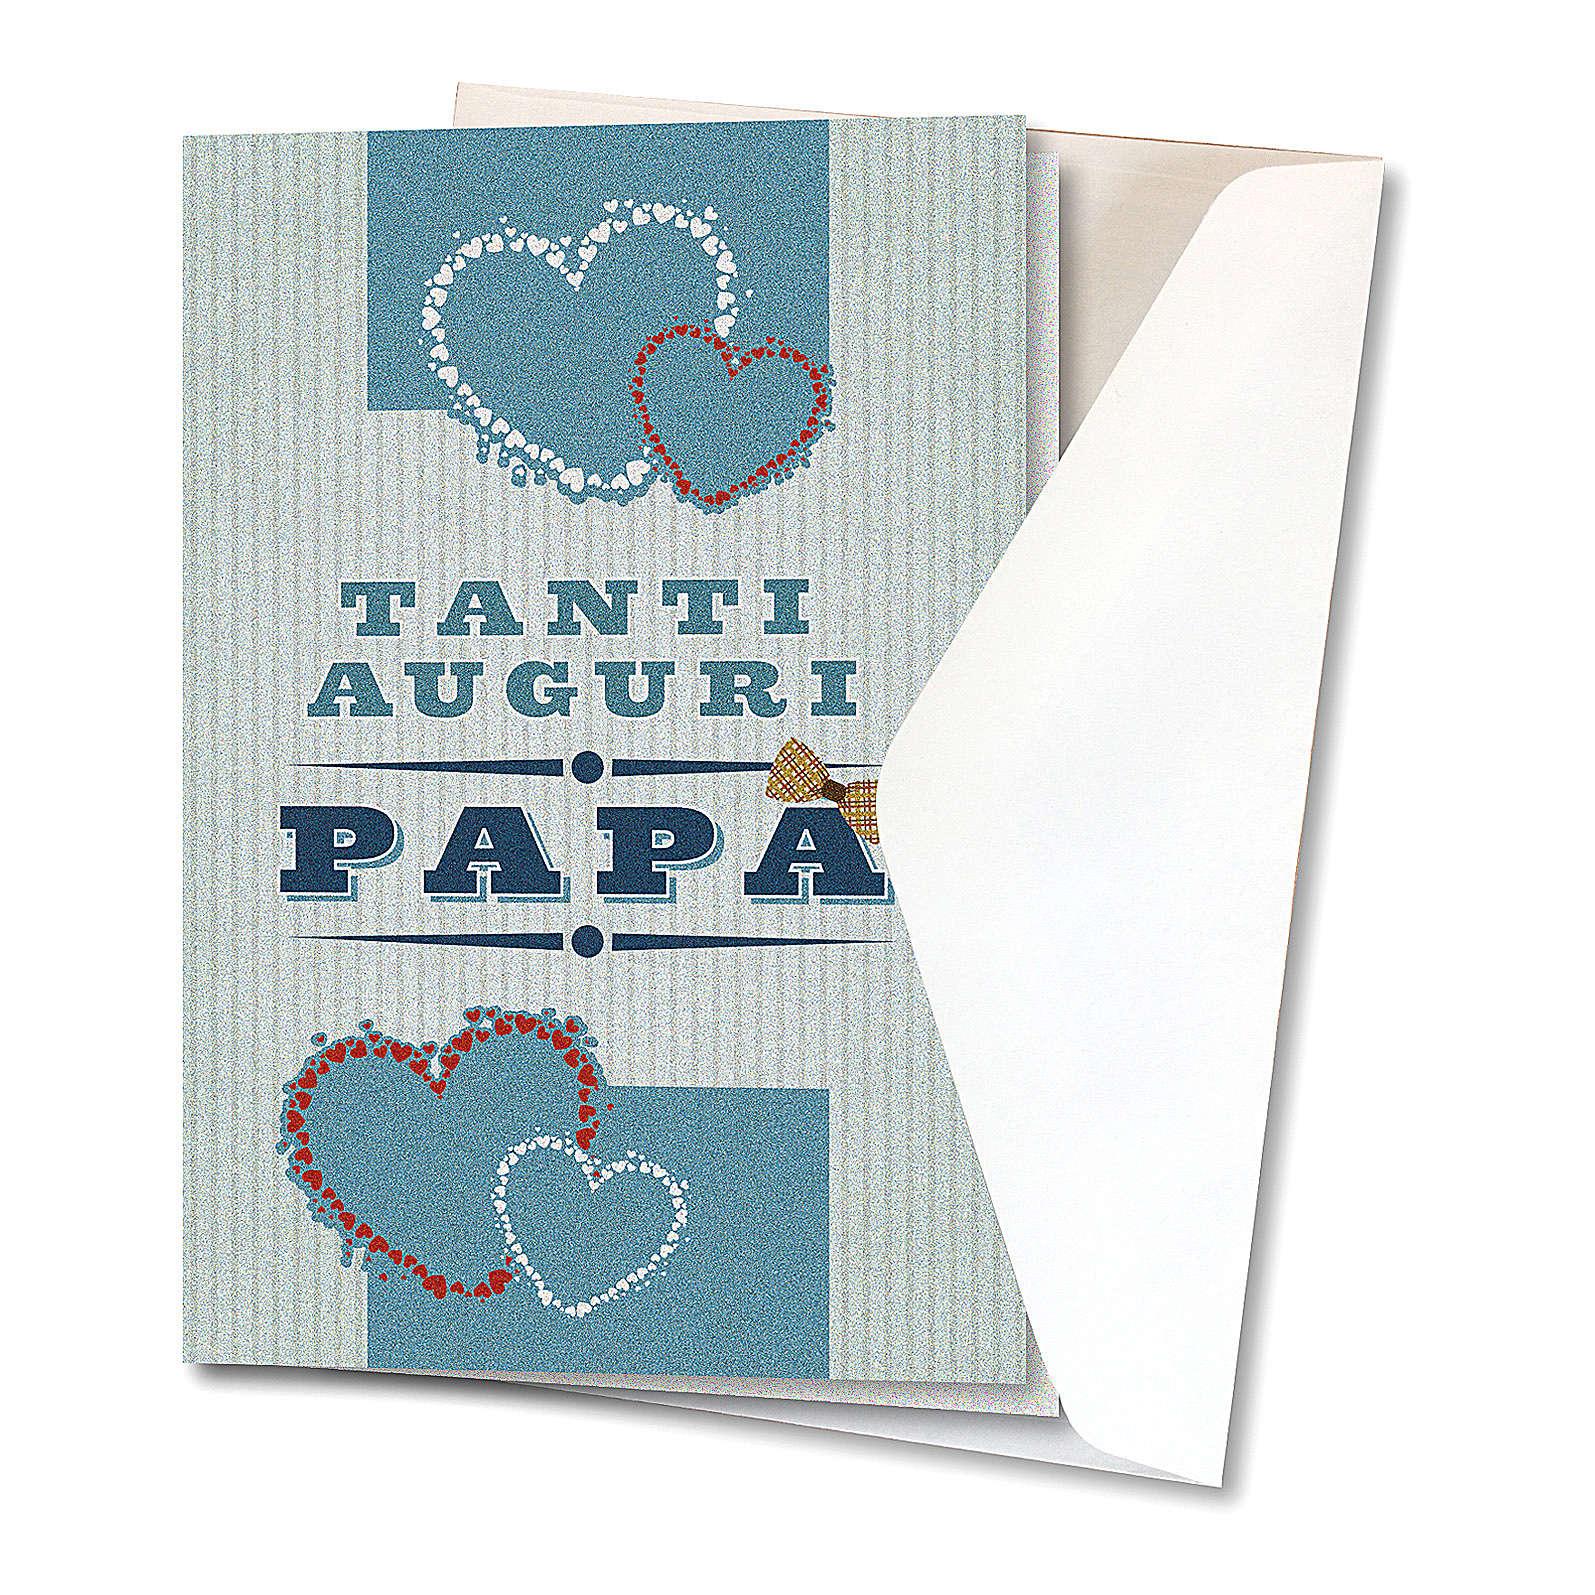 Biglietto Augurale carta perlata per Festa del Papà Cuori Colorati 4